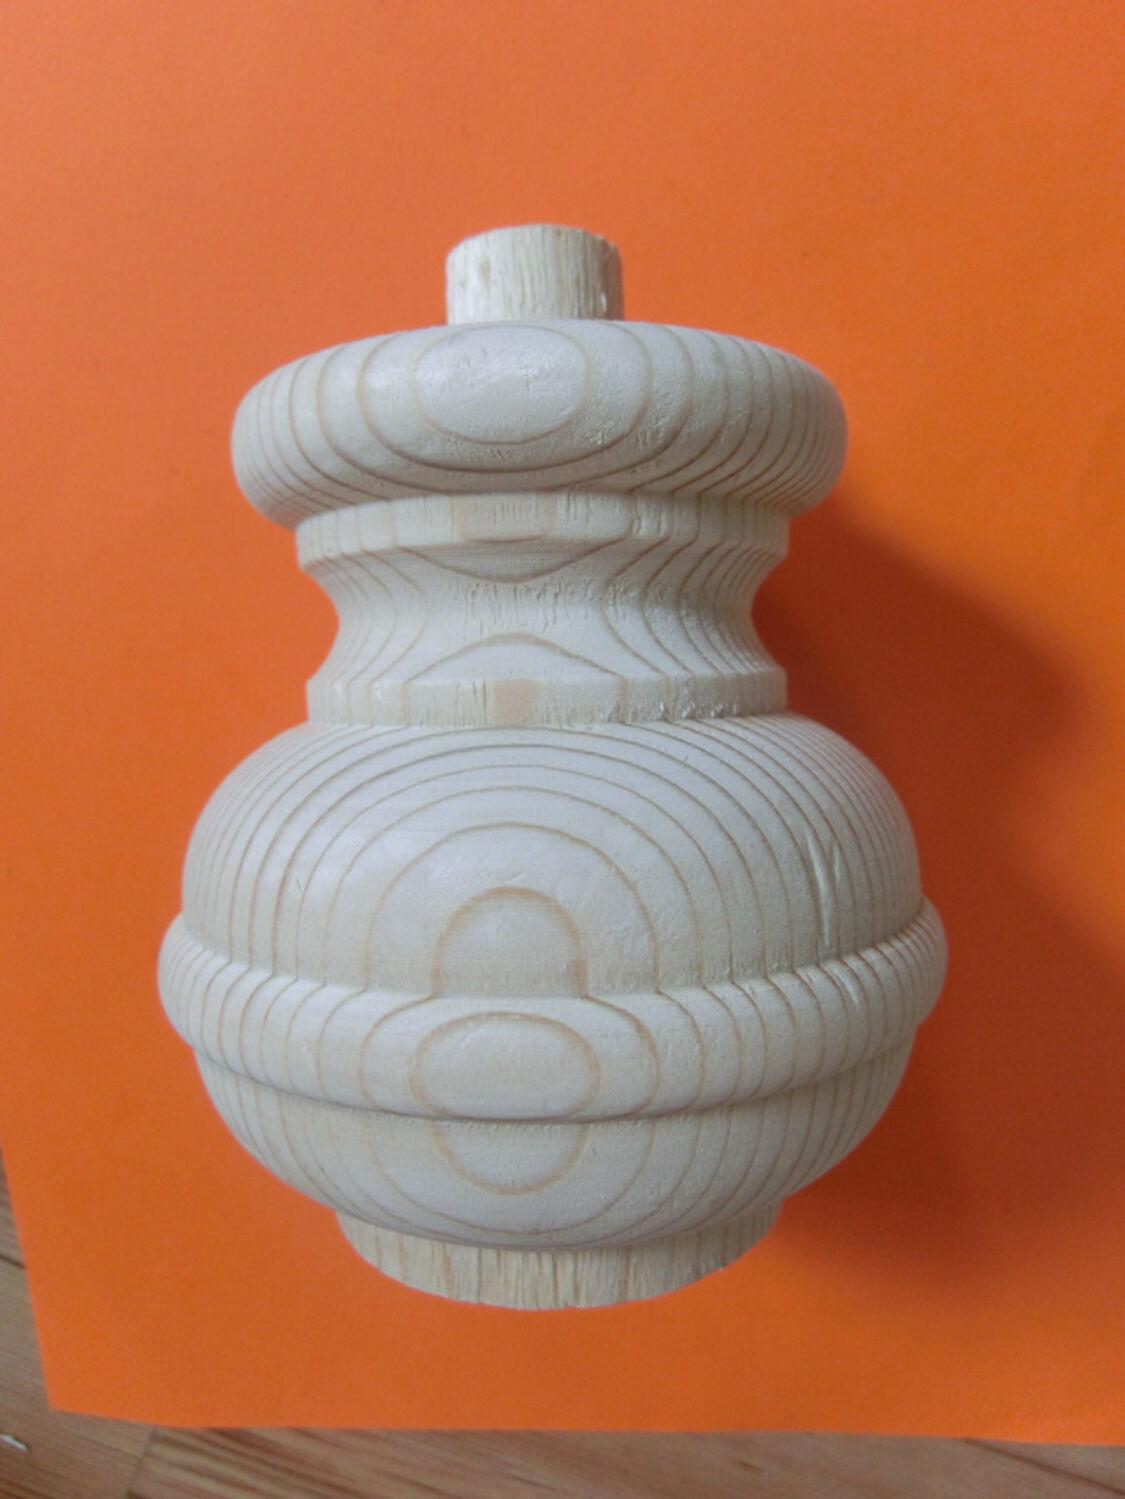 Zierteil aus Linde S165-0092